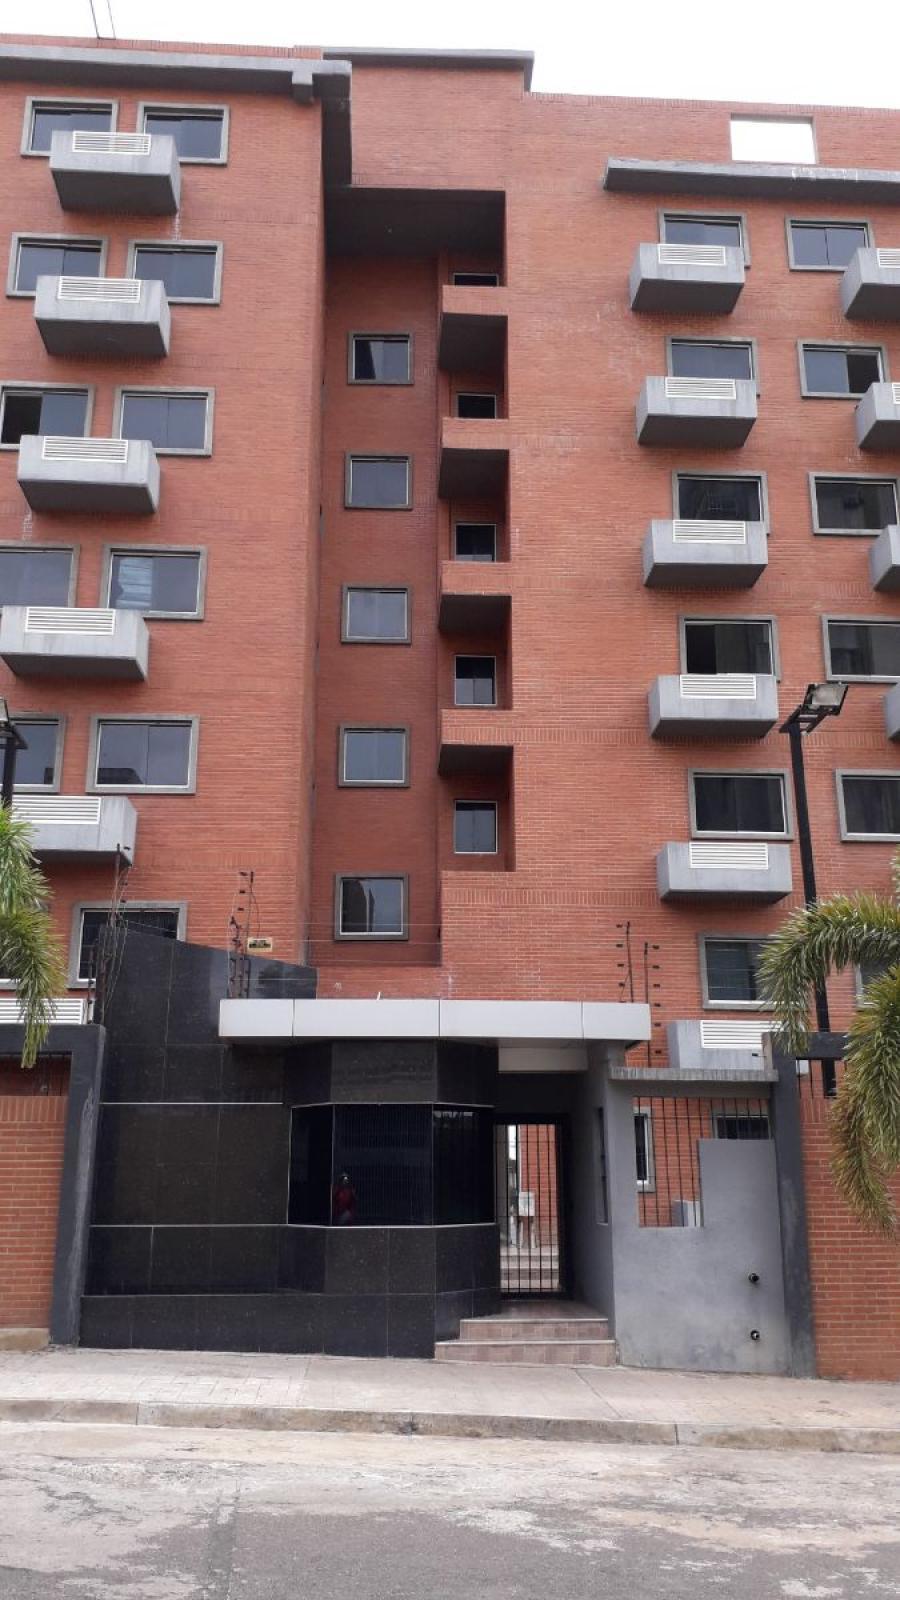 Foto Apartamento en Venta en Cachamay, Ciudad Guayana, Bol�var - BsF 19.000 - APV134153 - BienesOnLine